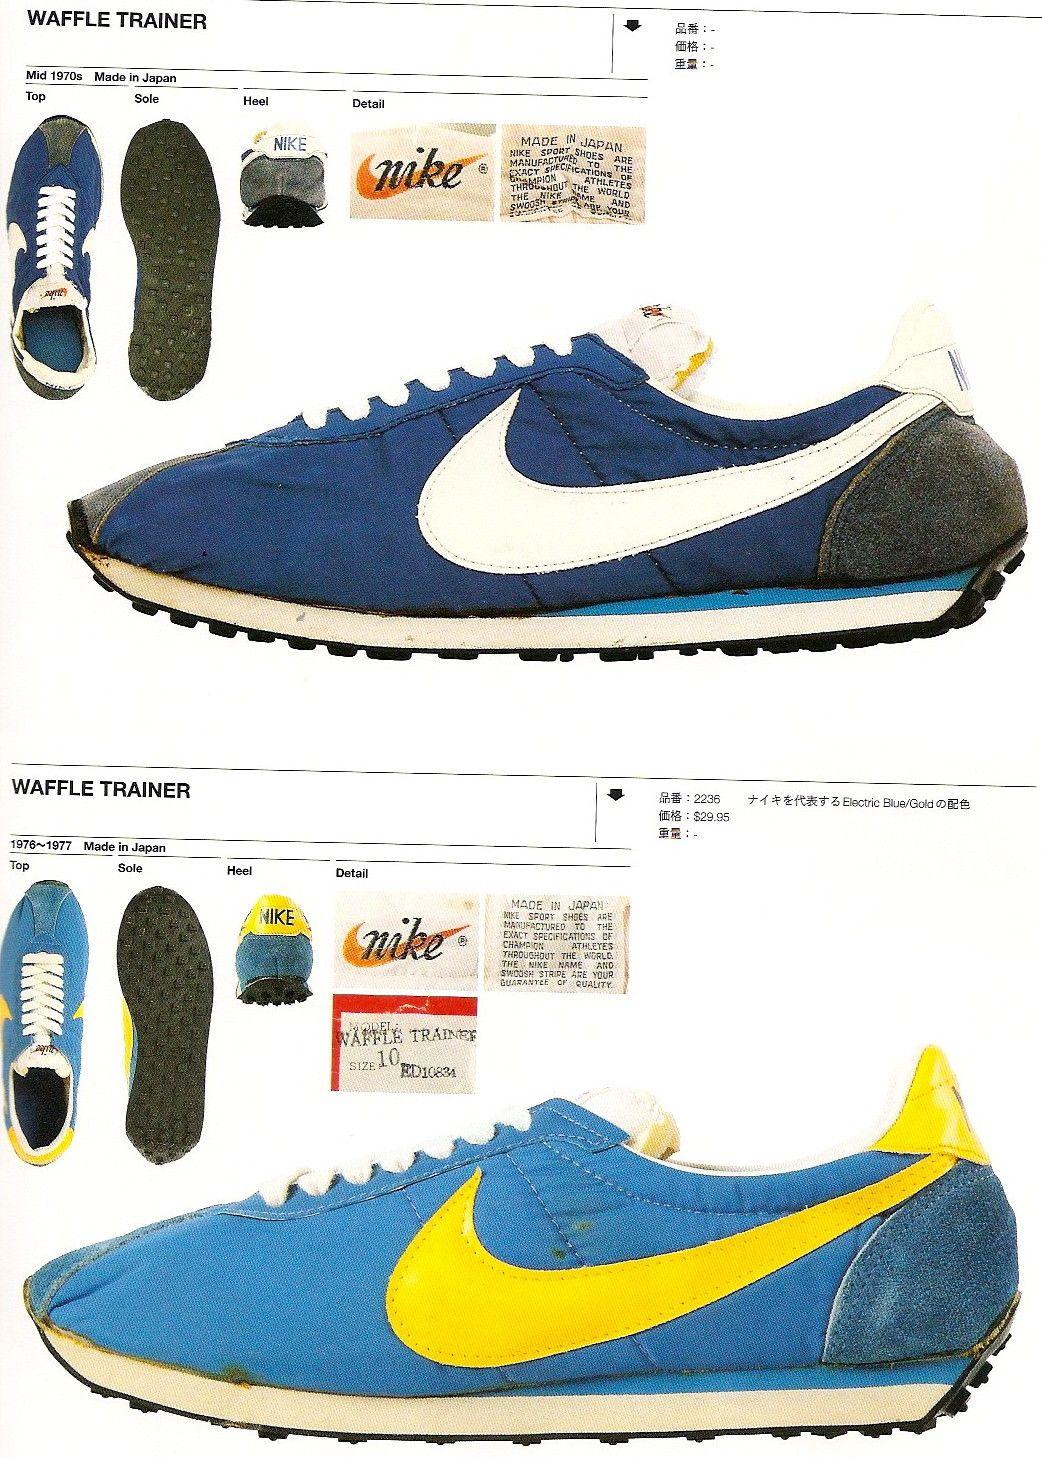 online store 8c6ca 4f034 Deportes, Nike Waffle Trainer, Zapatillas Vintage, Nike De Época,  Zapatillas Para Correr